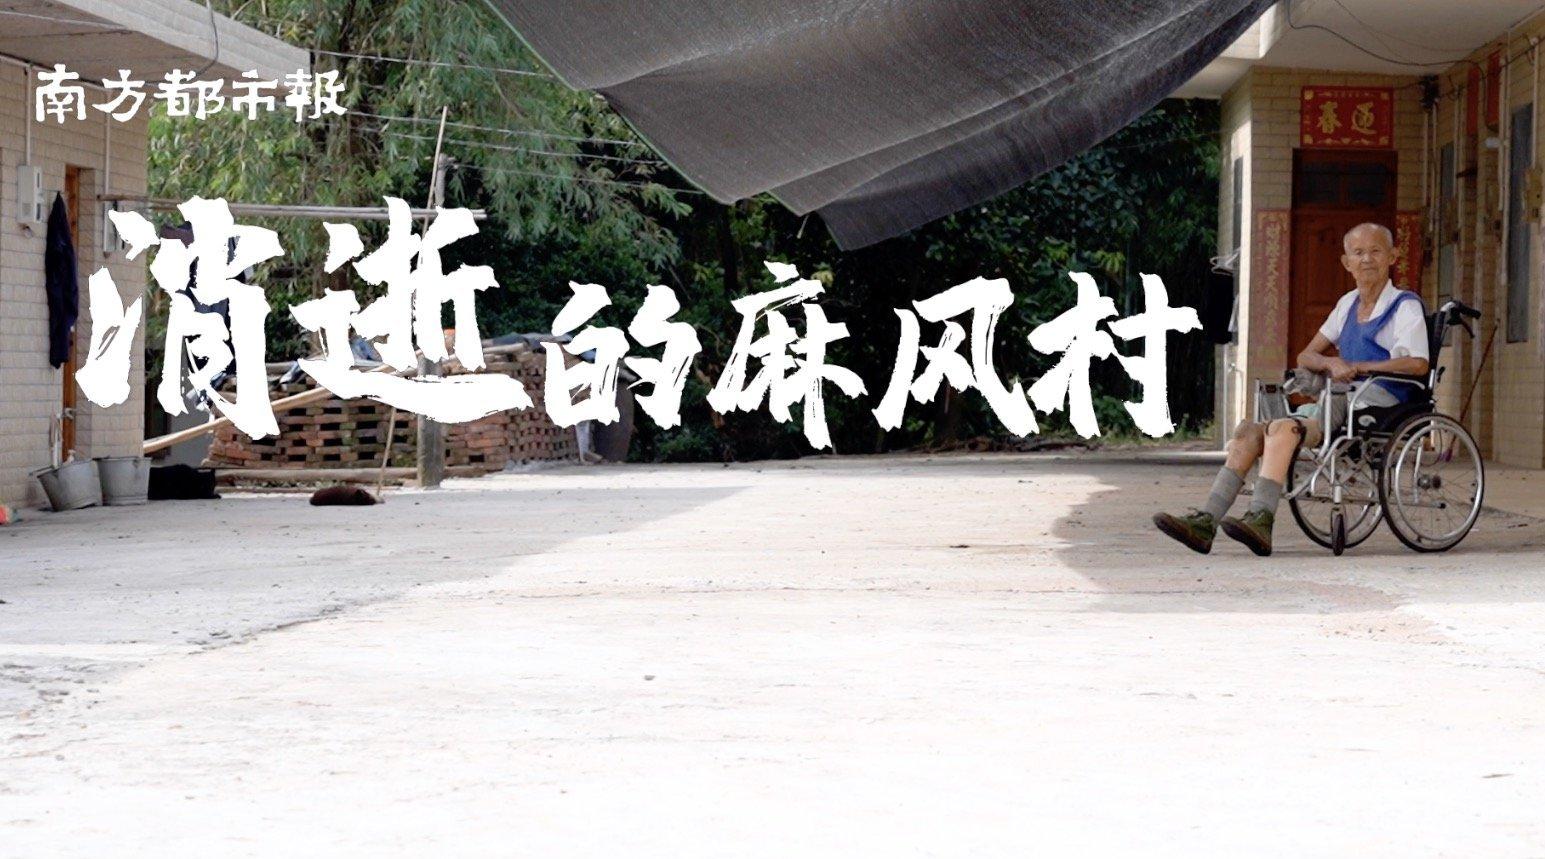 广东即将消逝的麻风村:与世隔绝半个世纪,患病老人想重新活一回